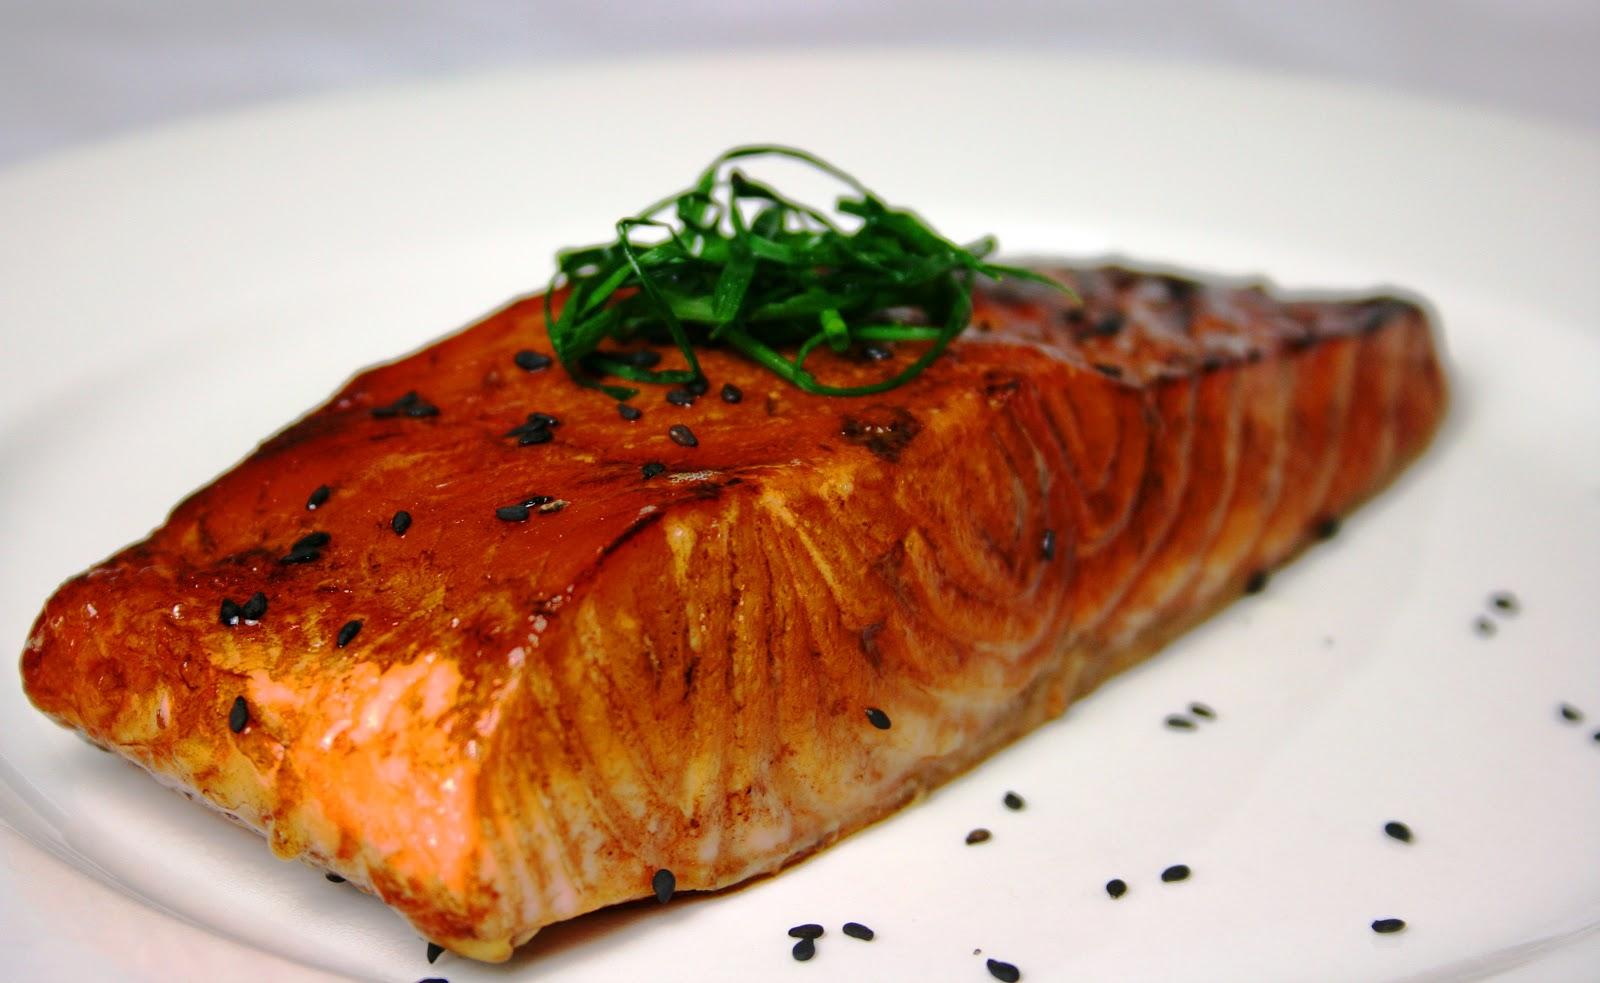 ... teriyaki beef teriyaki teriyaki sauce teriyaki chicken salmon teriyaki